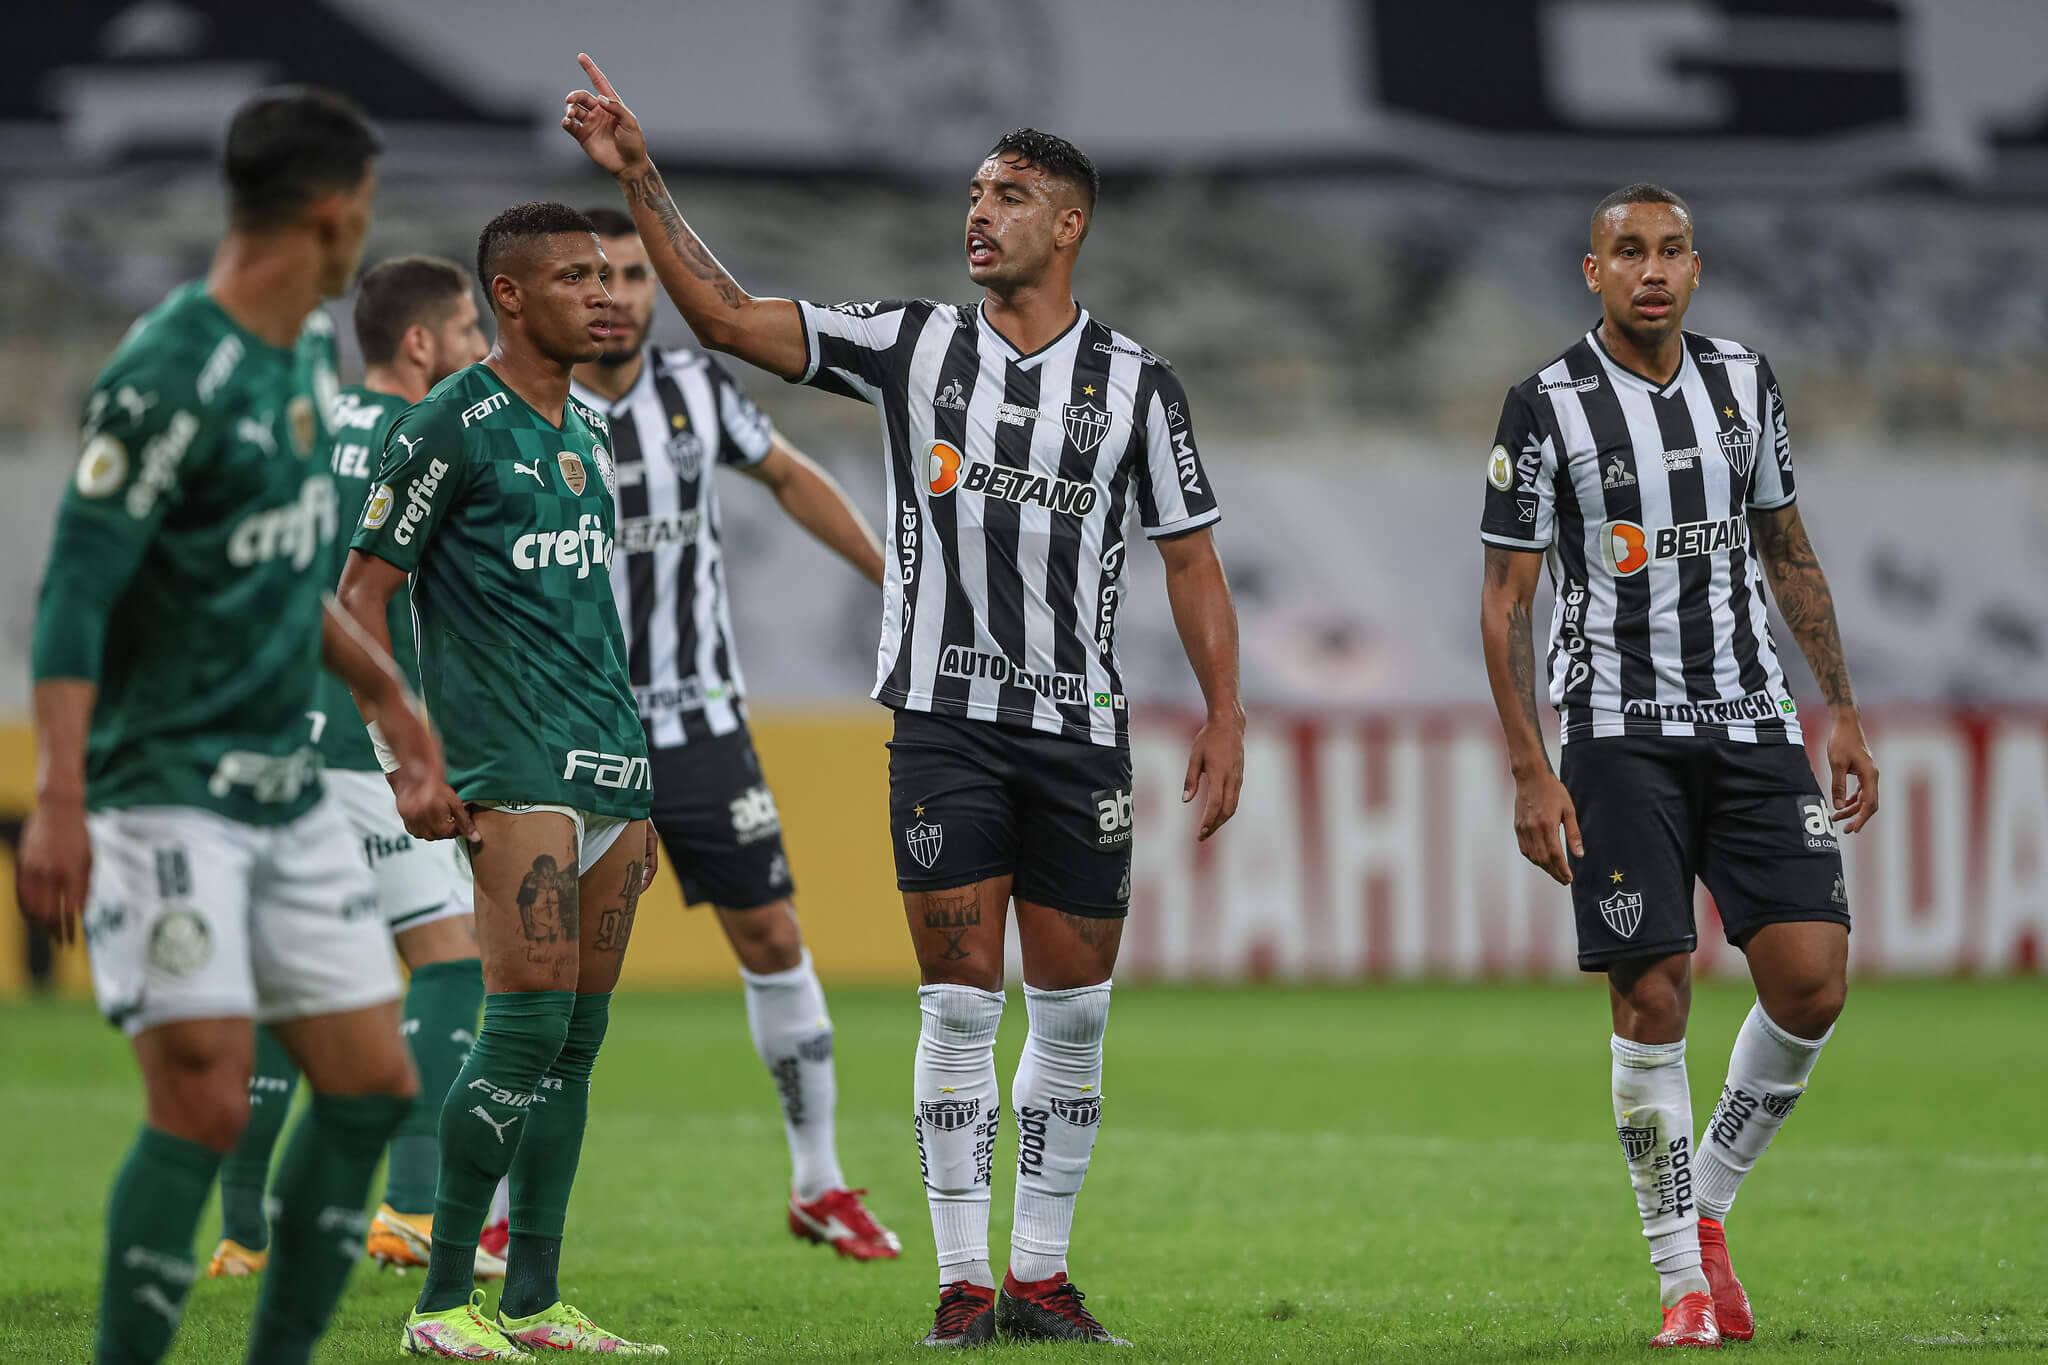 Foto: Pedro Souza / Atlético